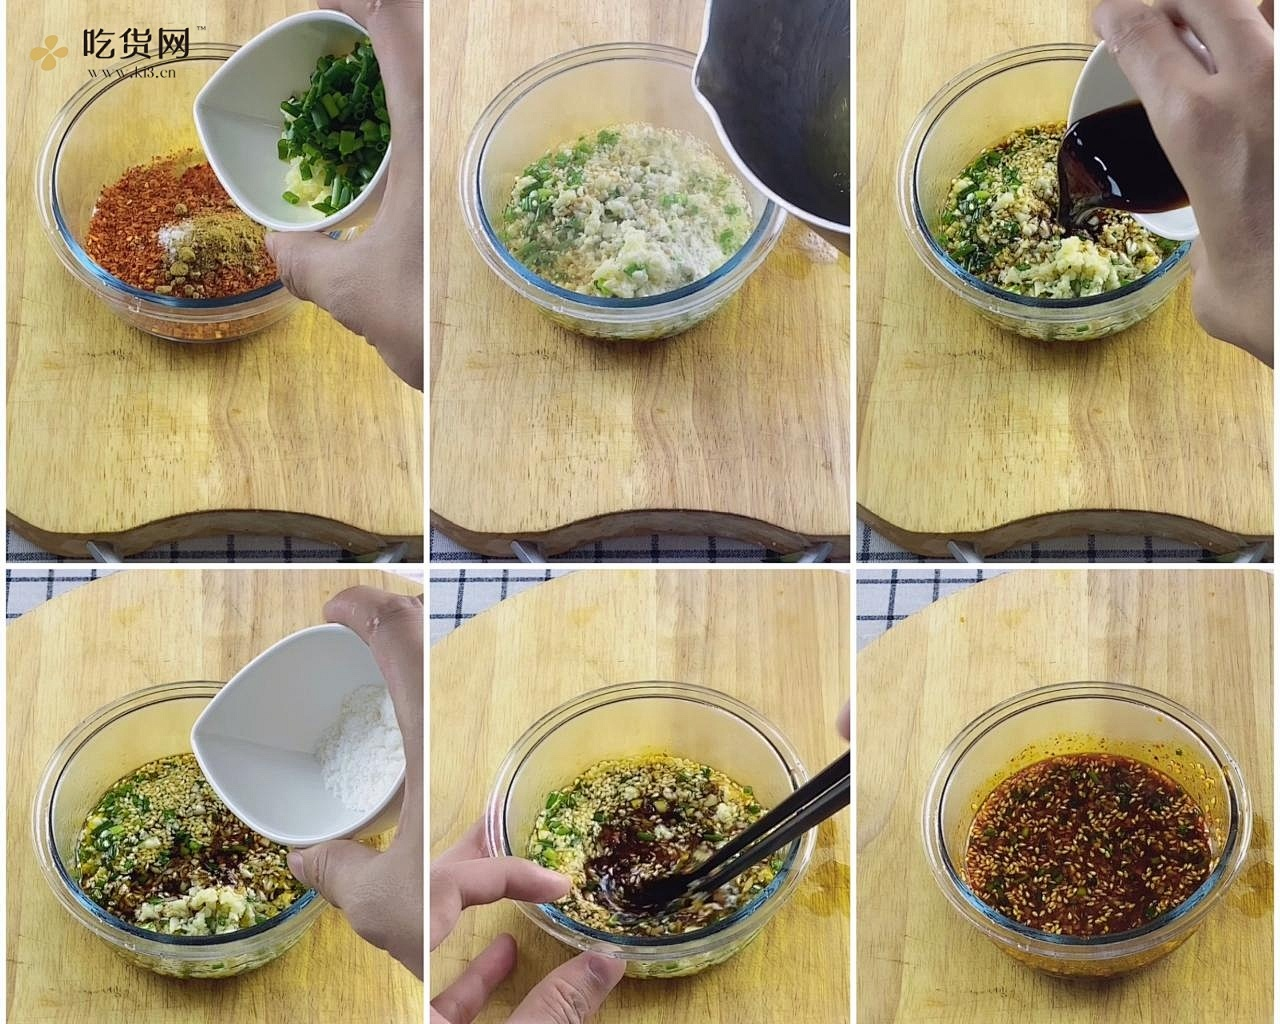 【酸辣凉拌面】夏天必备,酸辣开胃,连吃三大碗的做法 步骤3